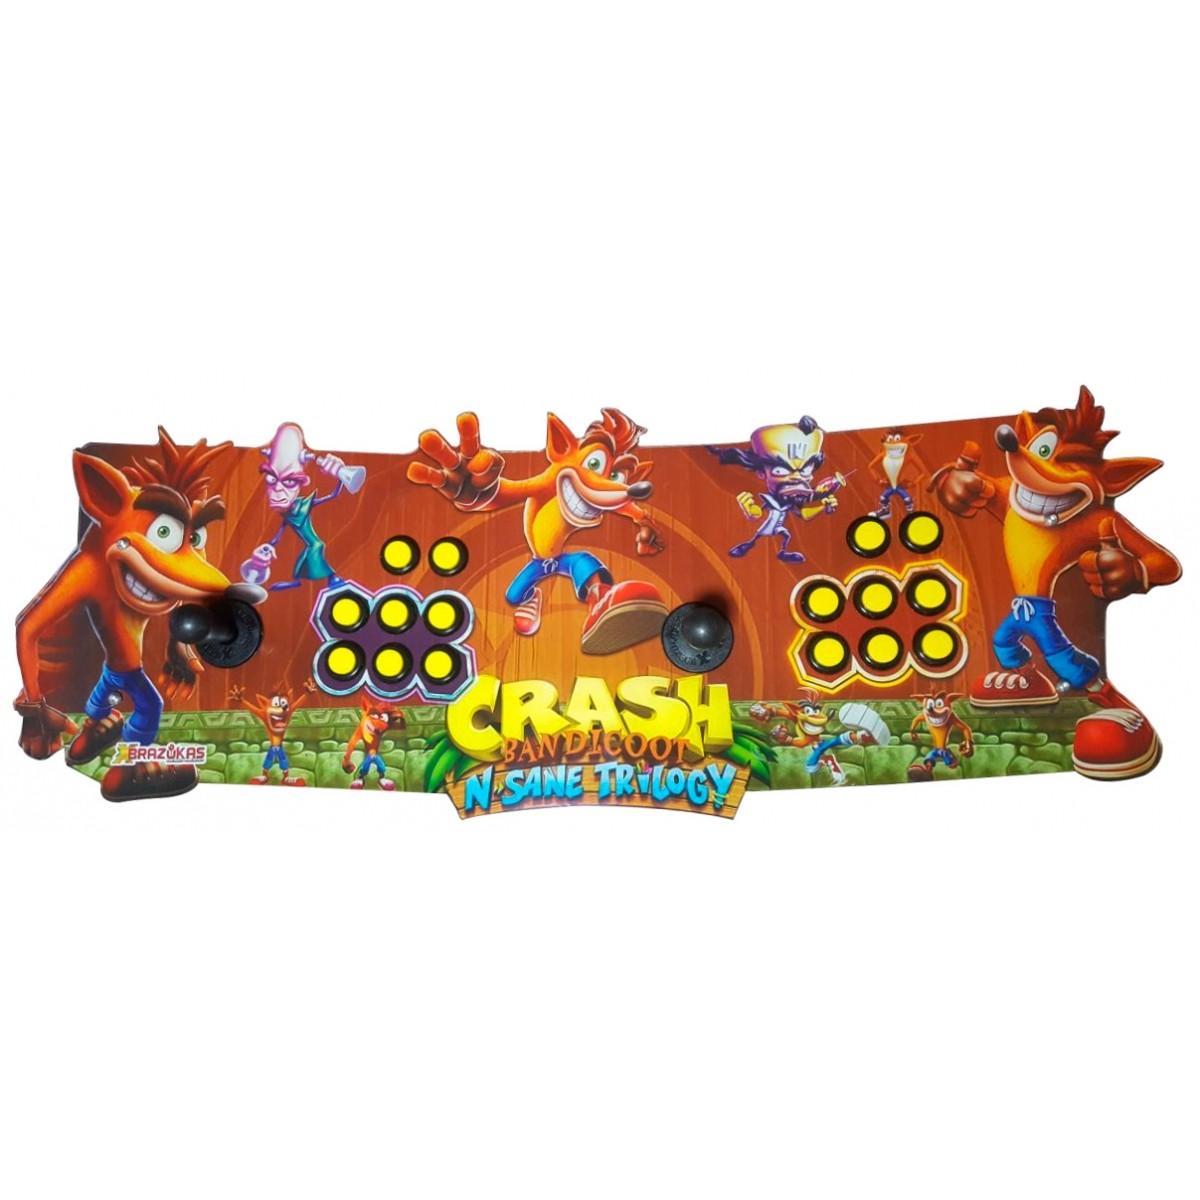 Máquina Fliperama (Controle Duplo Arcade) com desenho do Crash Bandicoot N. Sane Trilogy